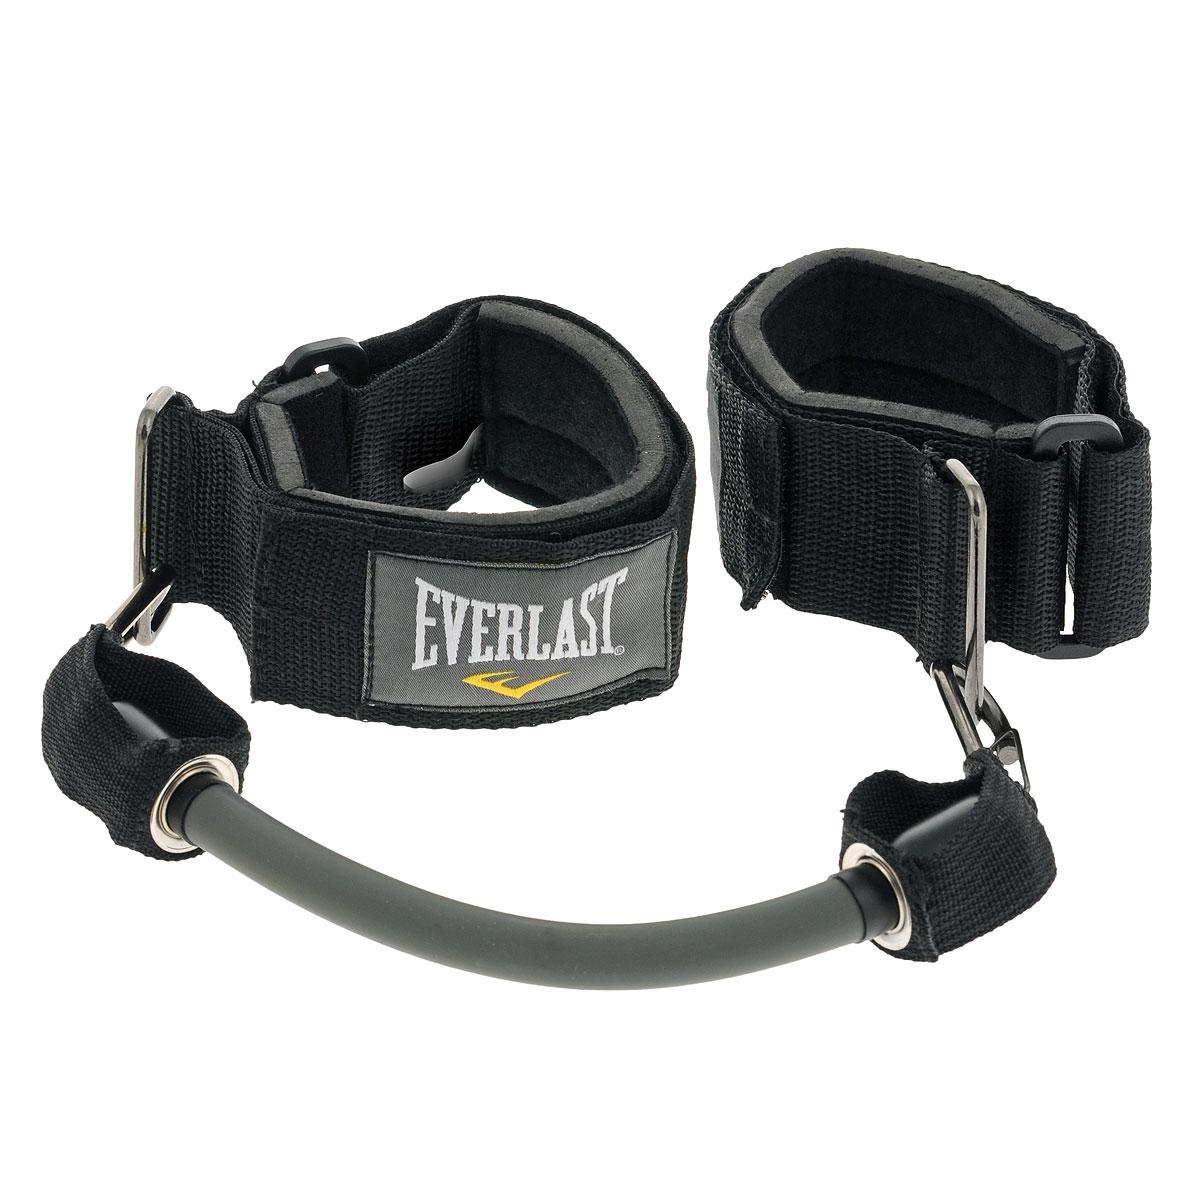 """Everlast """"Ankle Resistance"""" - эспандер для тренировки ног, который пригодится не только боксерам, но и фитнес-спортсменам. Мягкие манжеты с регулировкой длины гарантируют комфортную тренировку, а сменные жгуты позволяют варьировать нагрузку в зависимости от целей или уровня подготовки. Красный жгут обеспечивает сопротивление до 7 кг и предназначен для отработки техники ударов коленом и ногой. Серый жгут повышает сопротивление до 11 кг и идеален для того, чтобы совершенствовать стойку."""